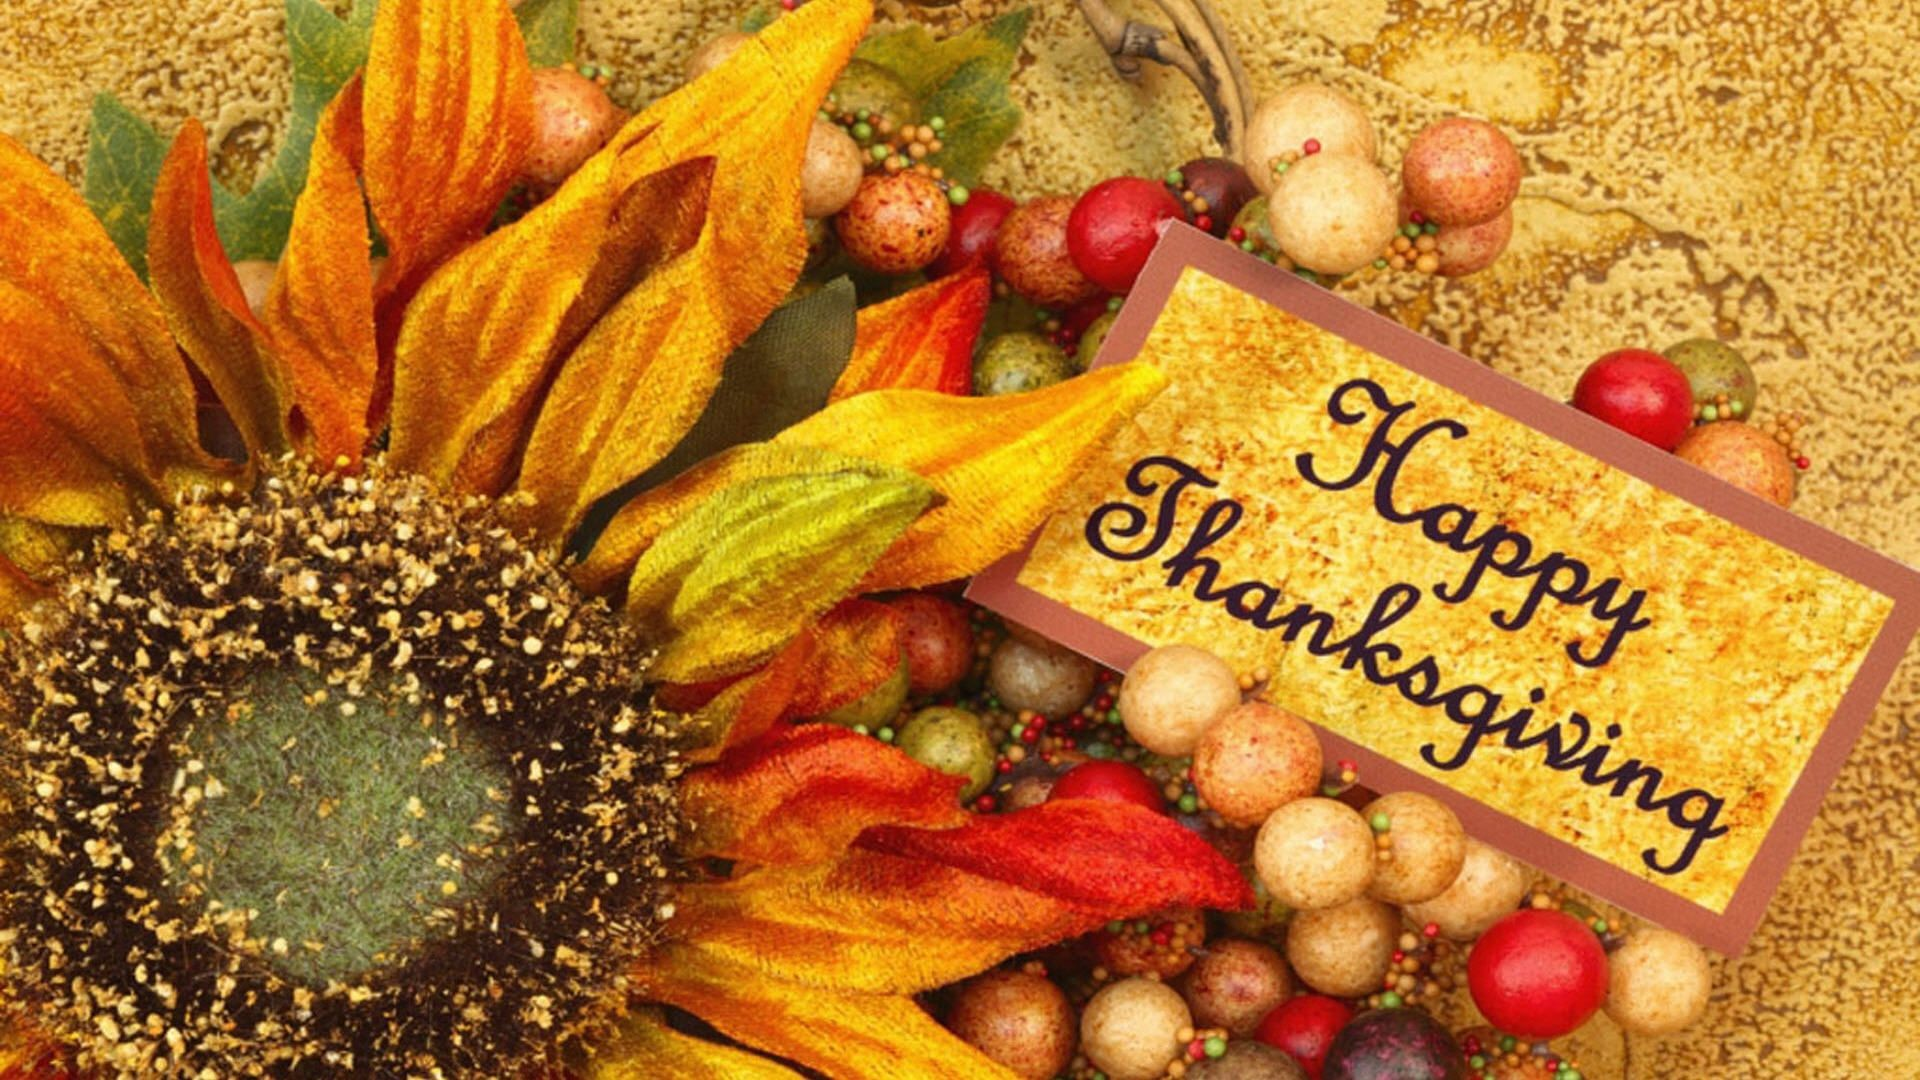 Thanksgiving Wallpaper Christian Desktop Wallpapers.